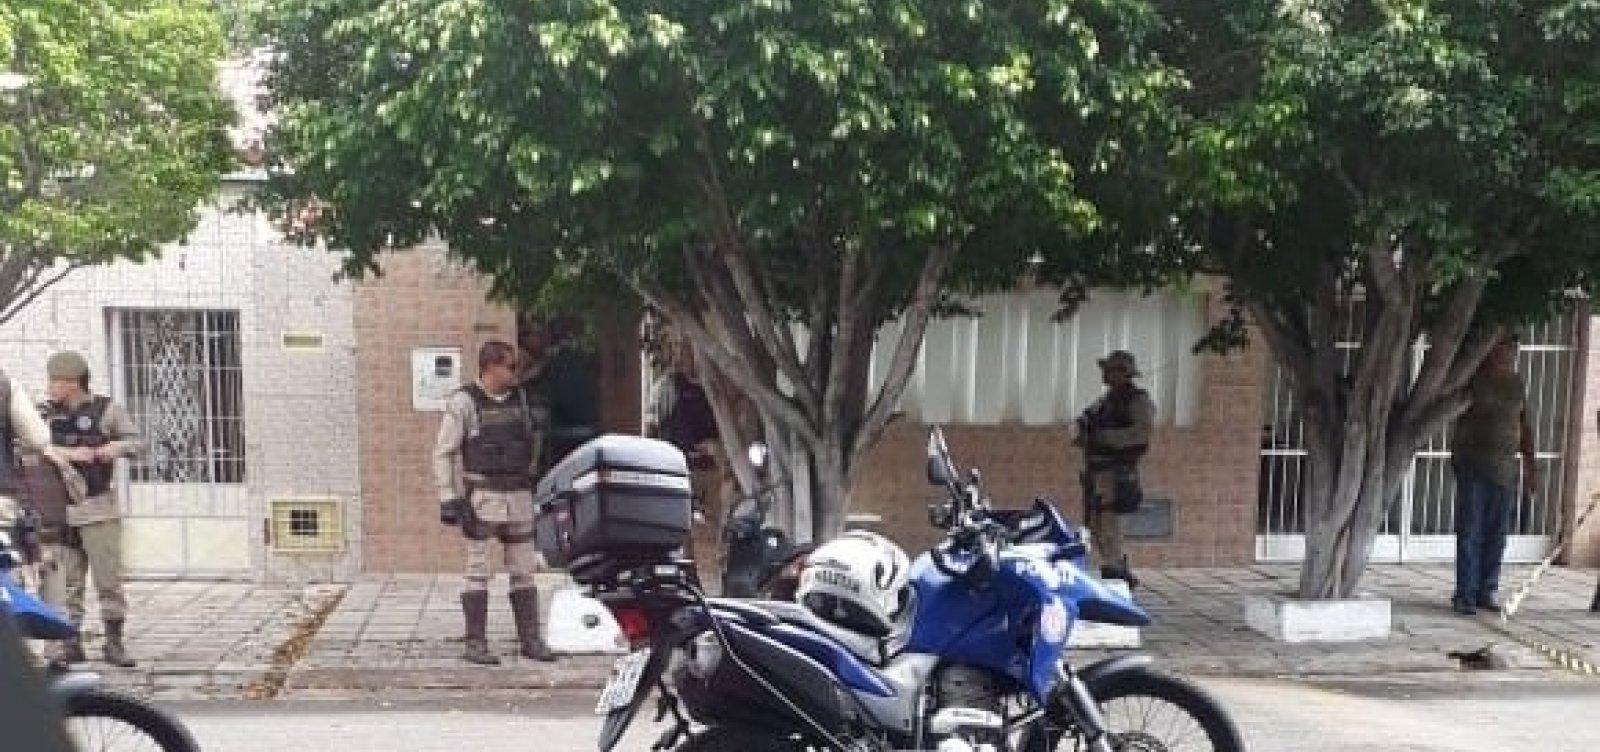 [Bombeiro atira na ex-companheira e depois se mata em Paulo Afonso]